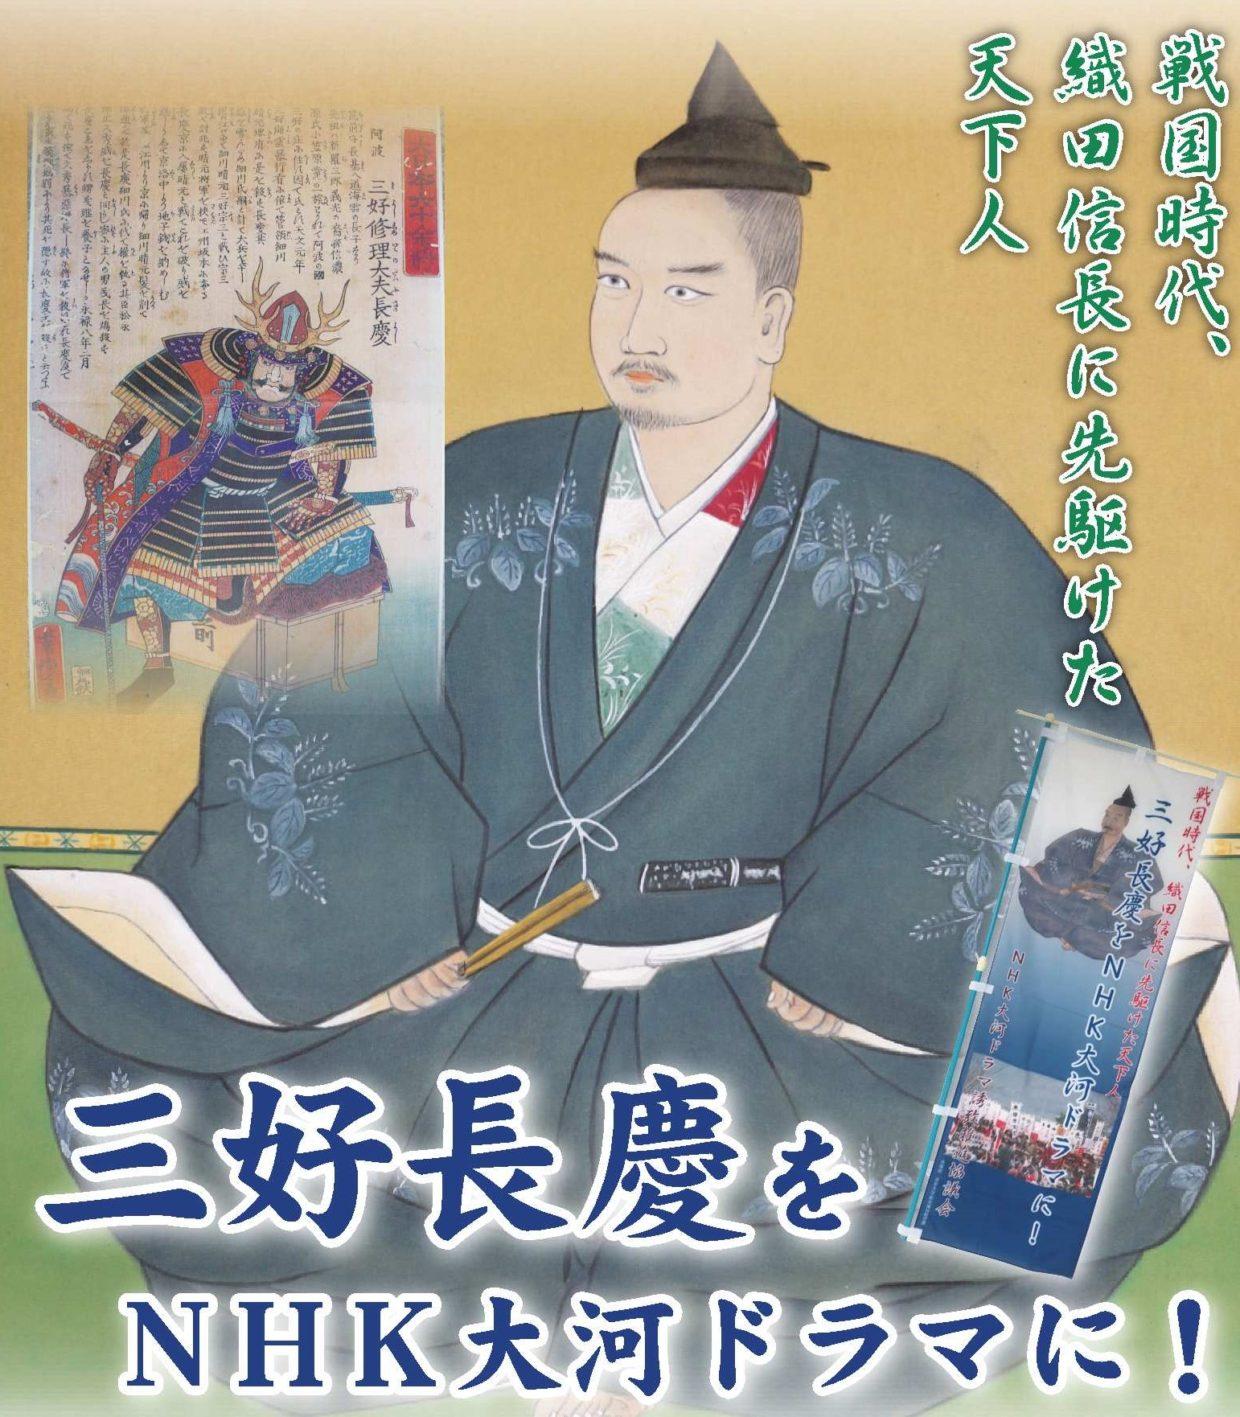 三好長慶 大河ドラマ